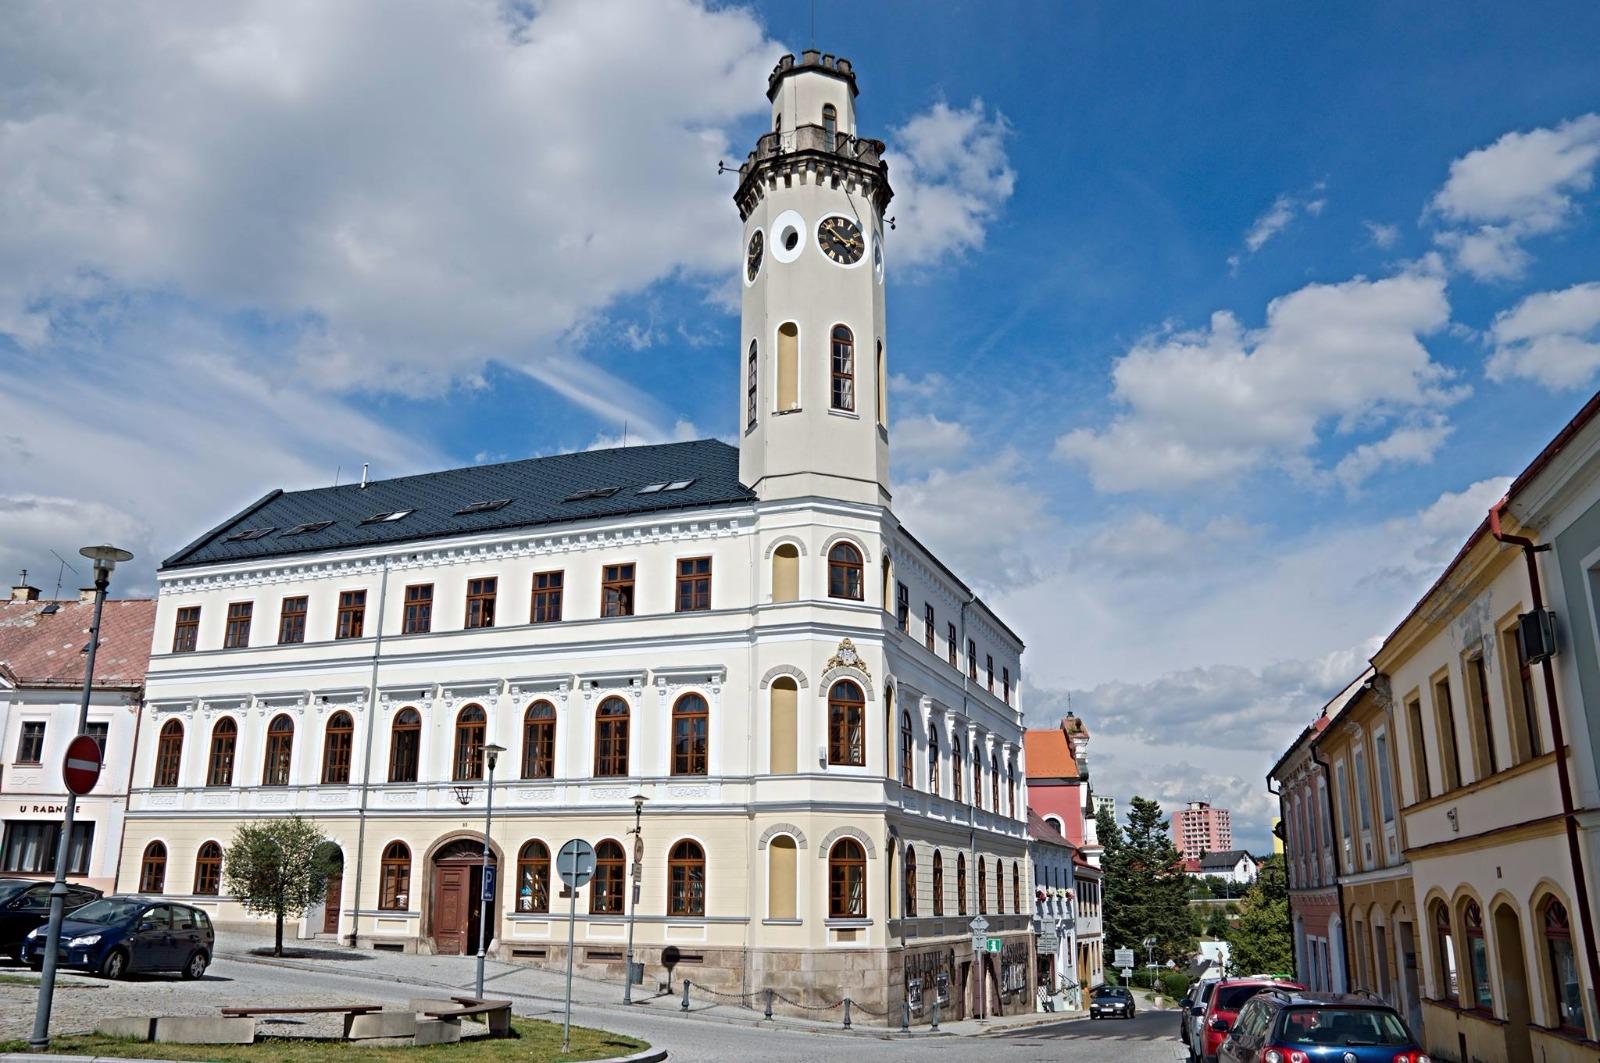 Městská památková zóna Klášterec nad Ohří